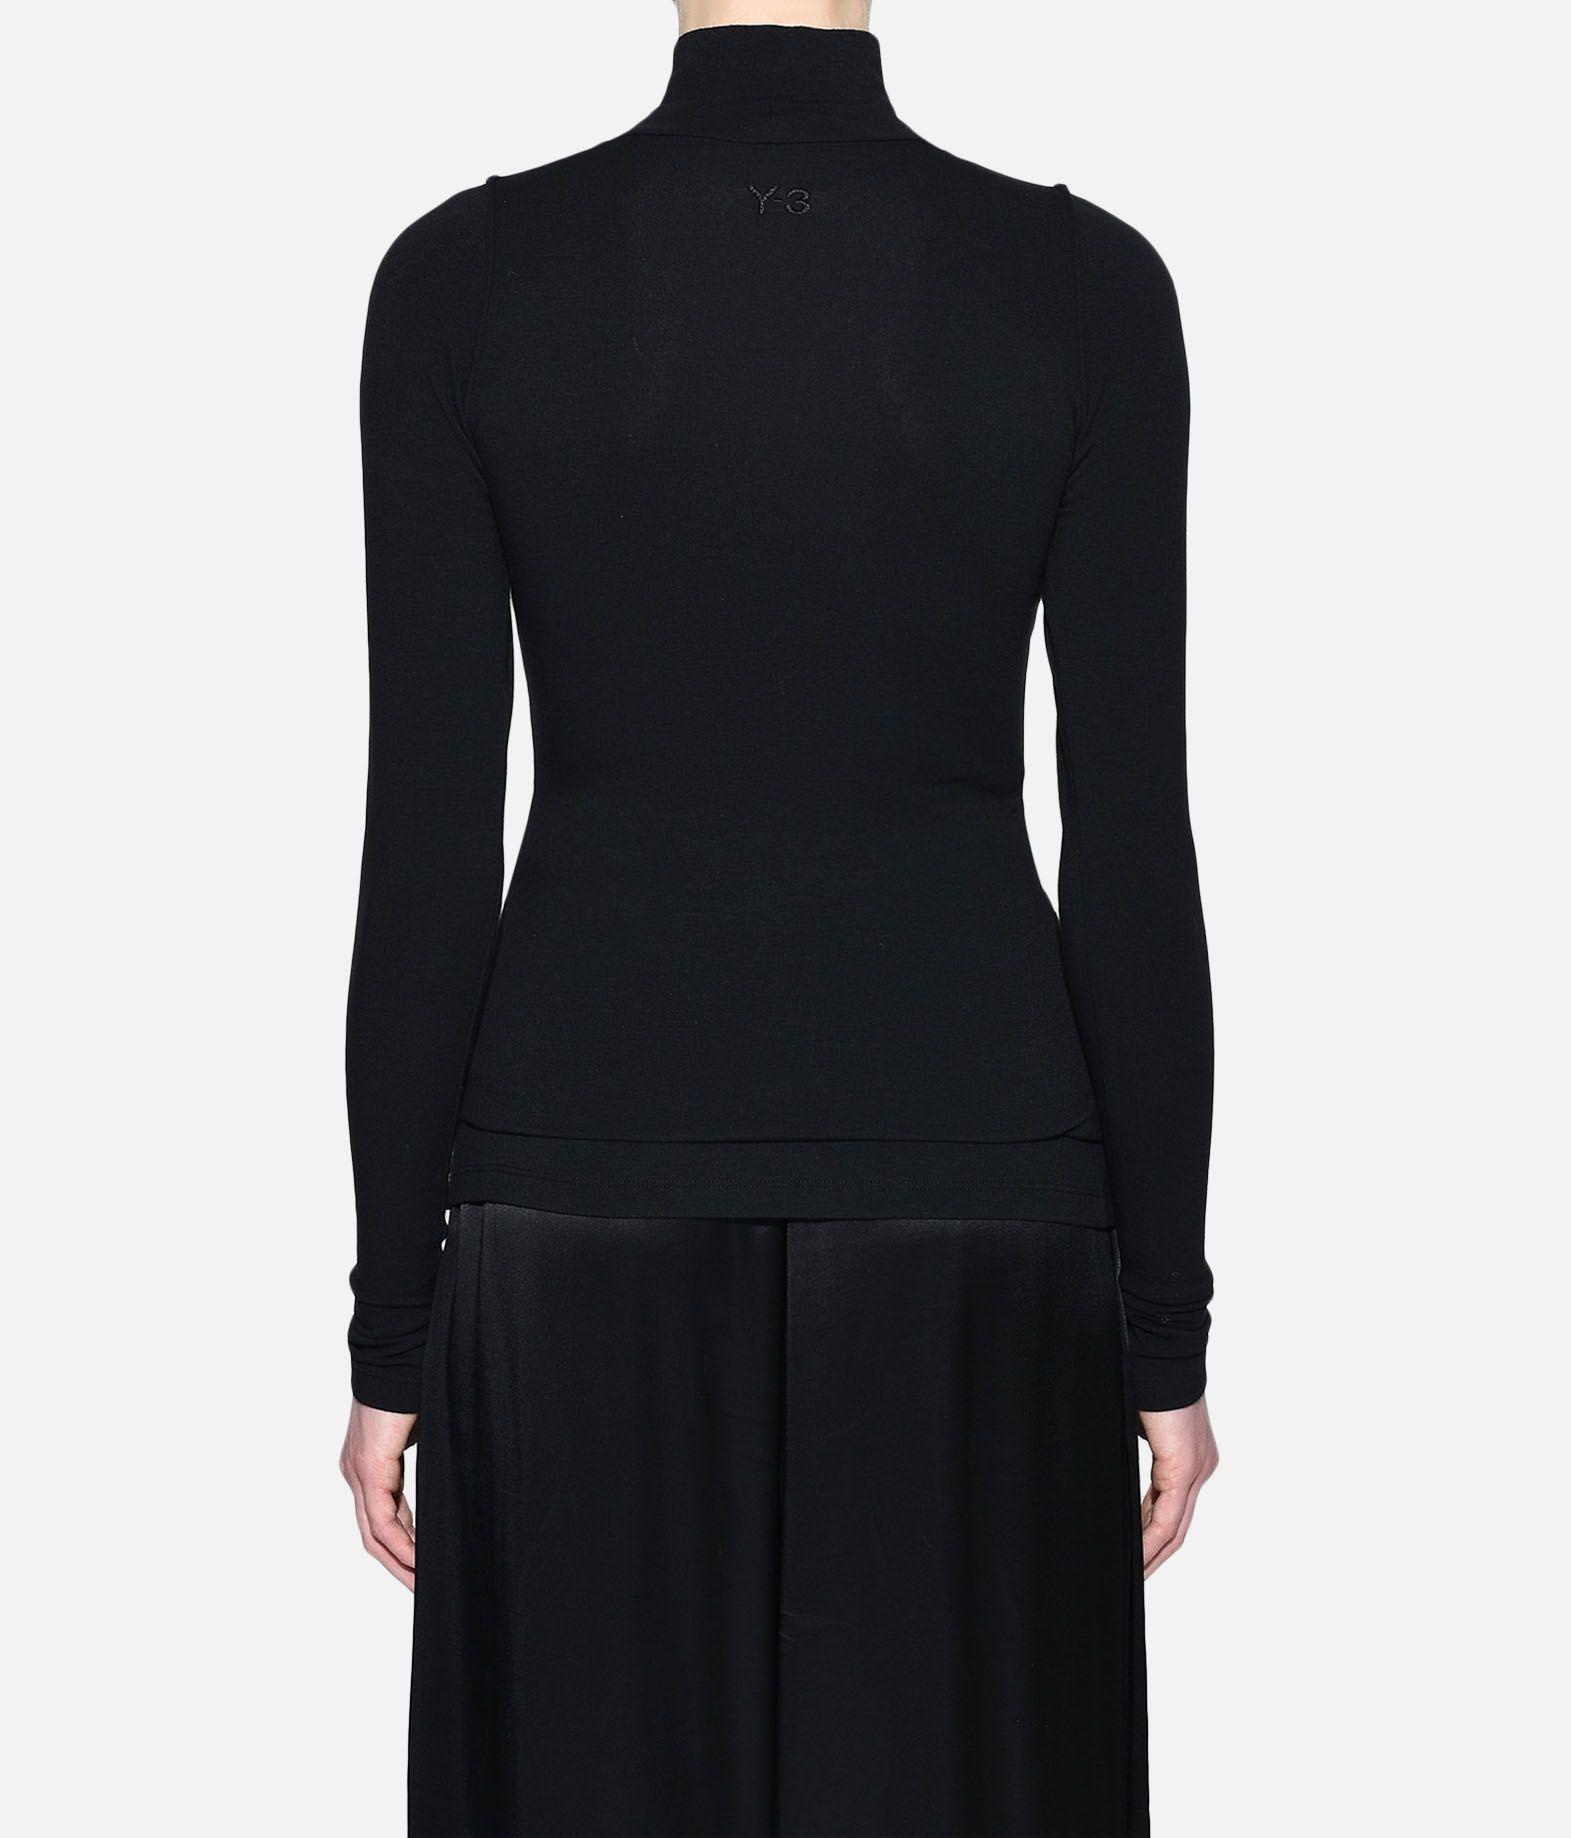 Y-3 Y-3 Prime Wool Tee Long sleeve t-shirt Woman d